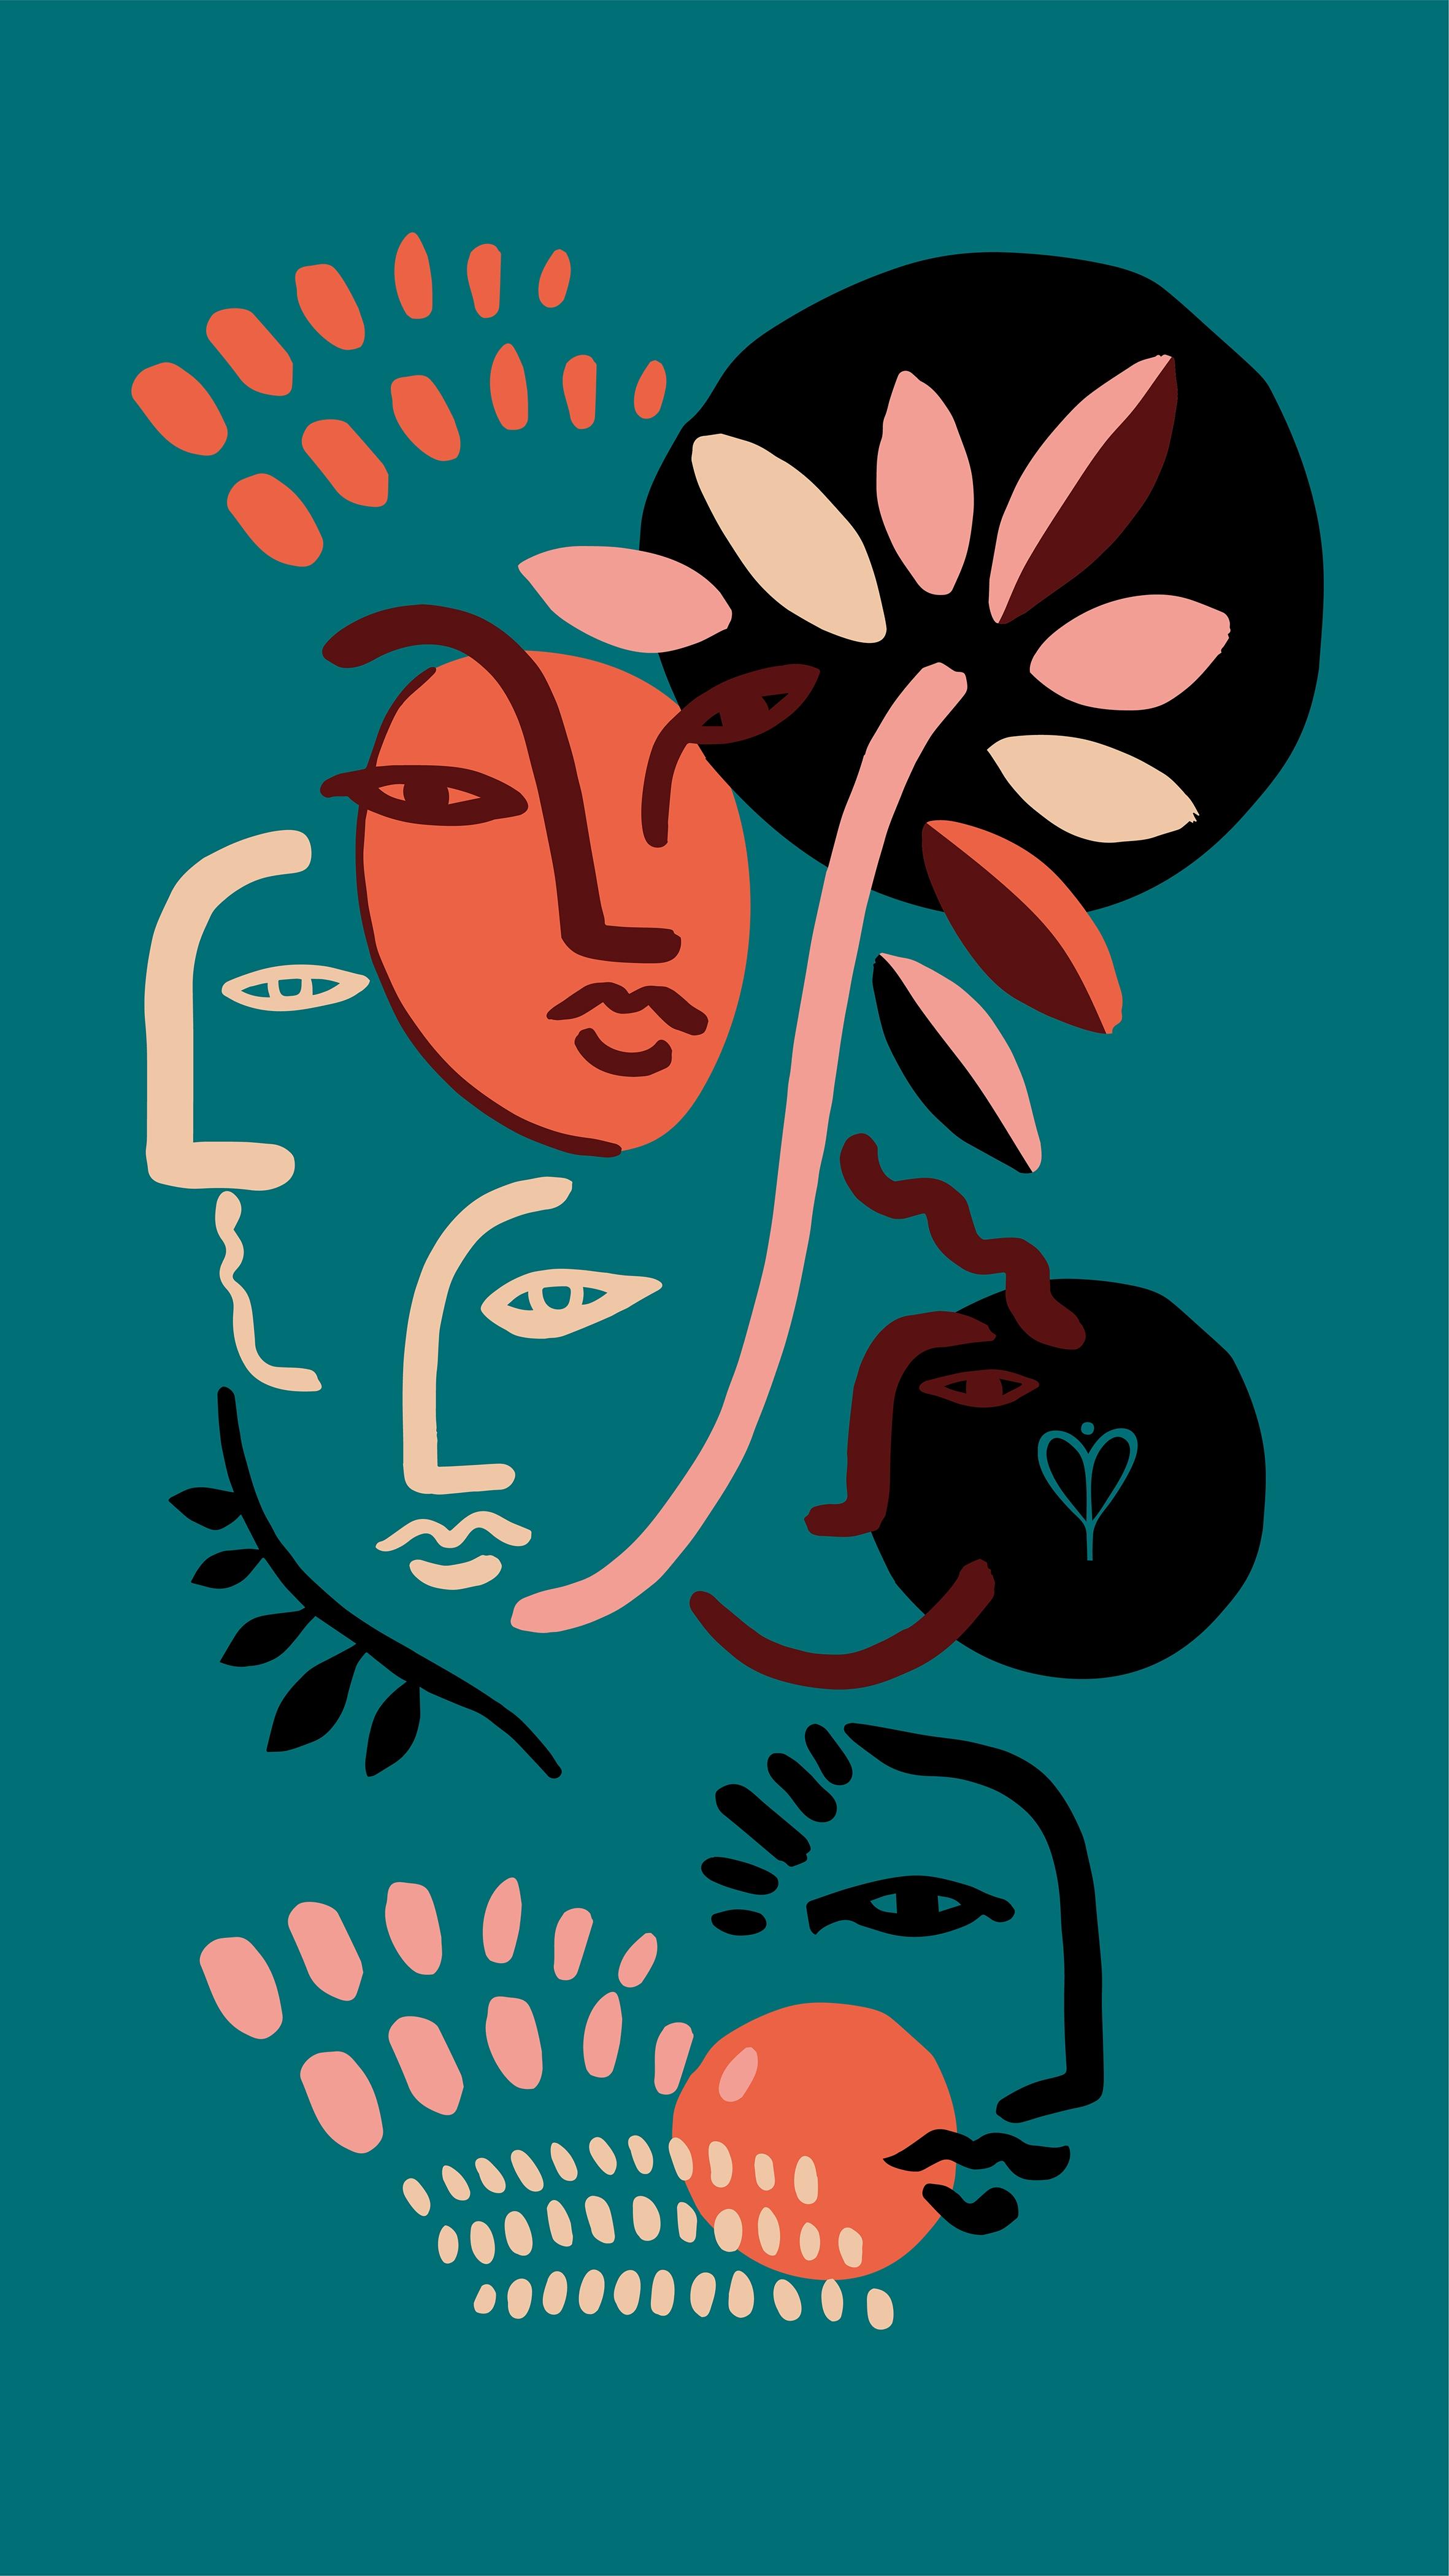 Arte de Joana Lira com cores fortes e contrastantes com um rosto no meio